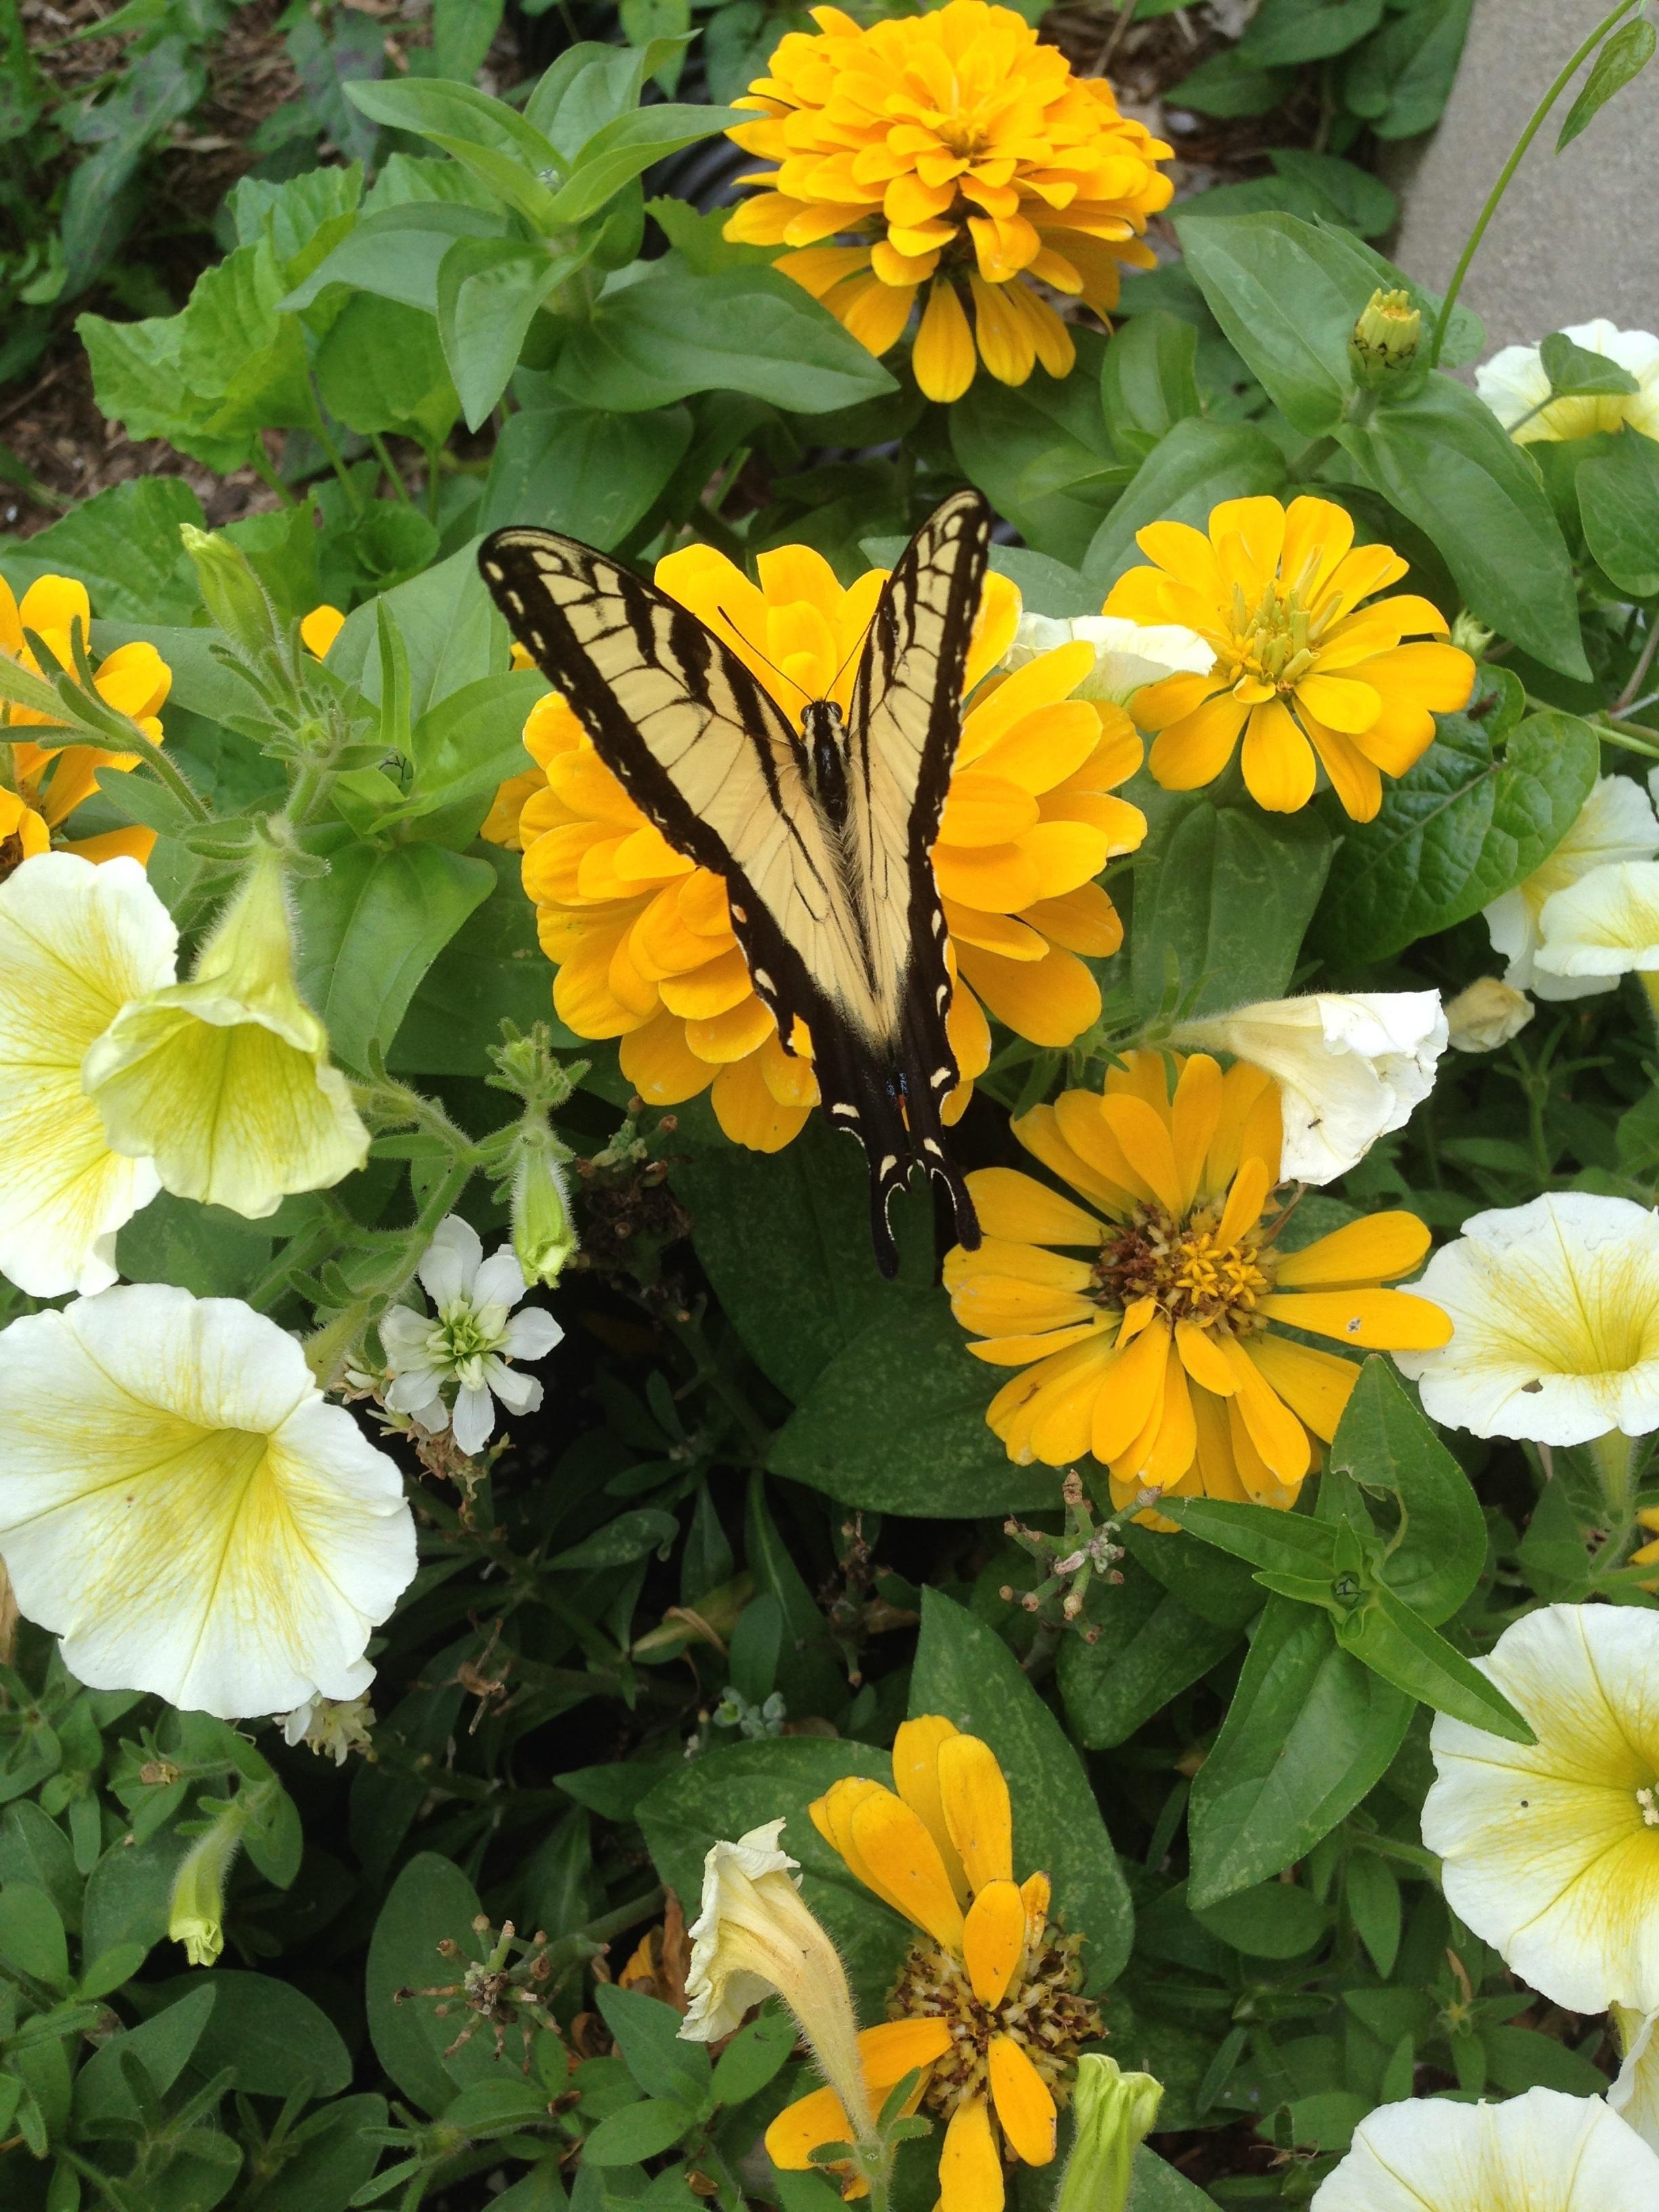 Fiori Gialli Estivi.Immagini Belle Prato Fiore Insetto Botanica Farfalla Giallo